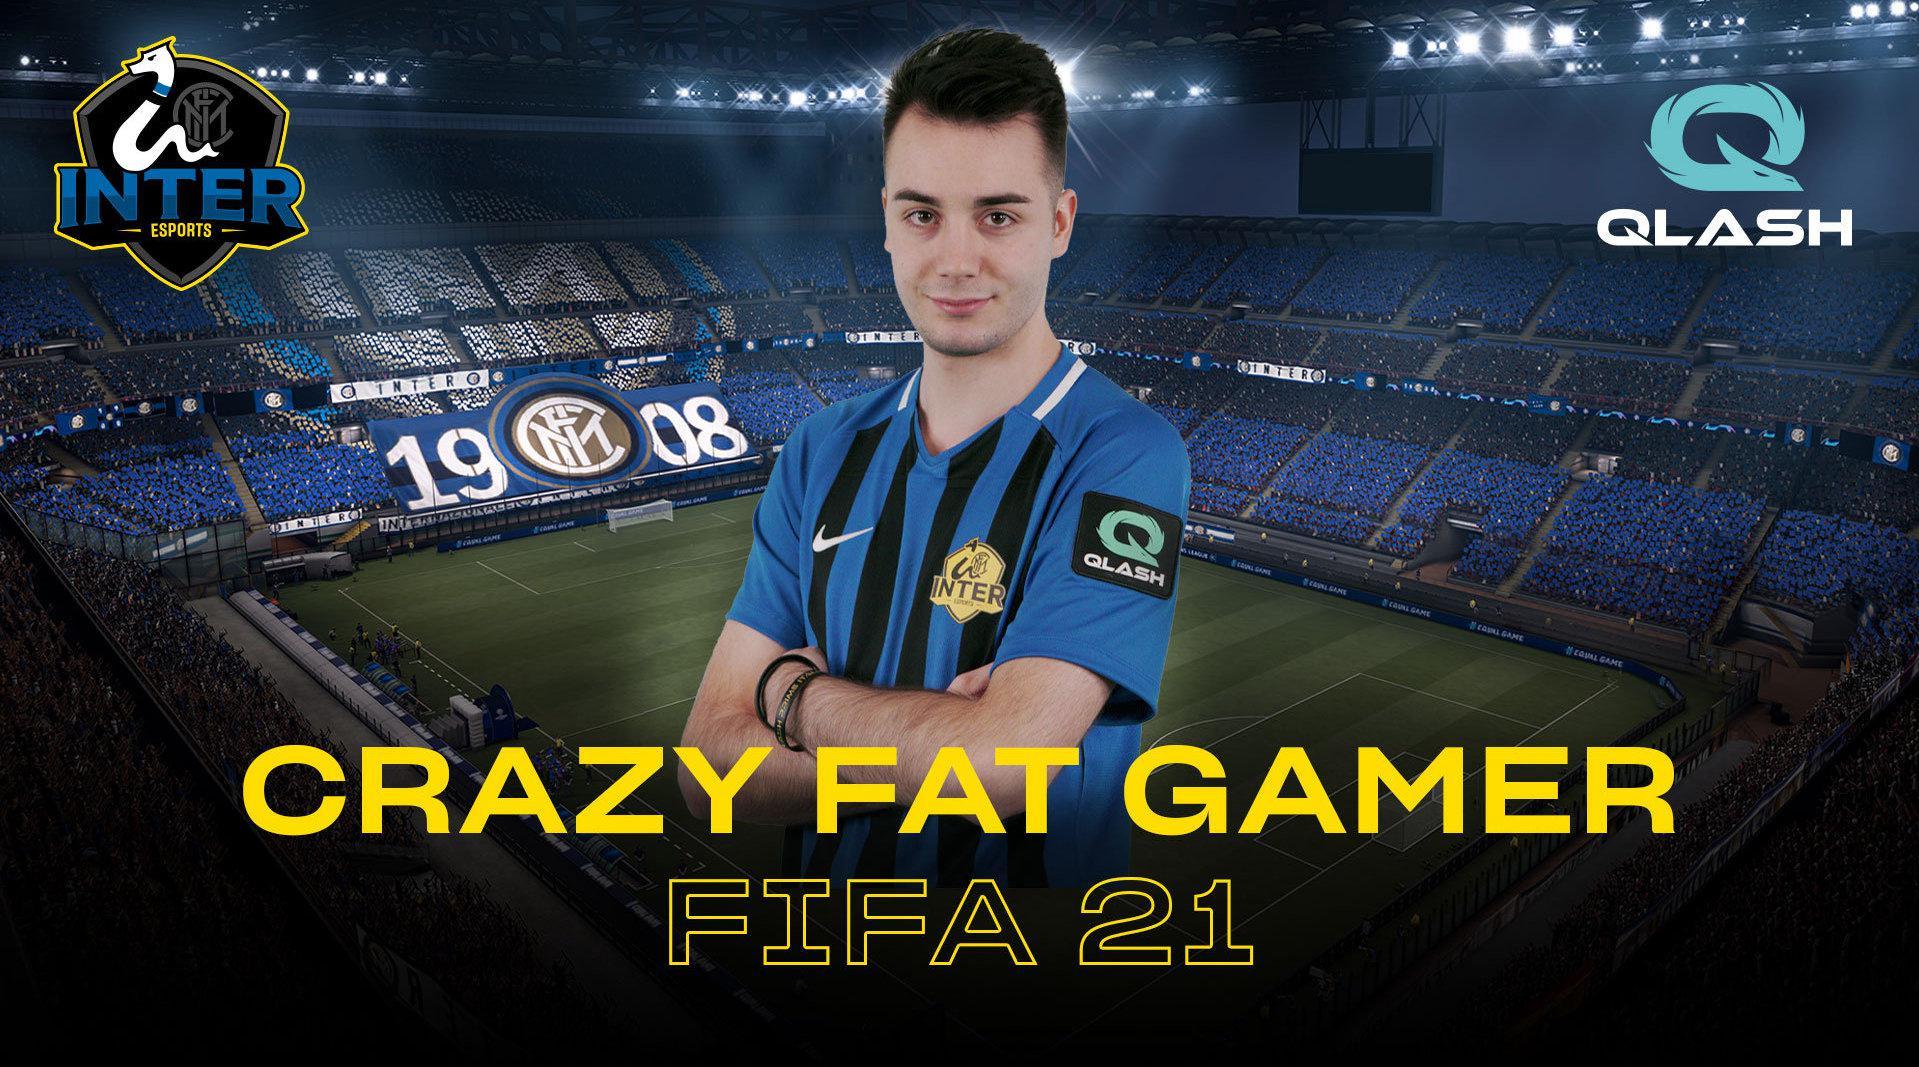 """欢迎迭戈 """"Crazy Fat Gamer"""" 👋 @EA_SPORTS FIFA世界排名第一的"""